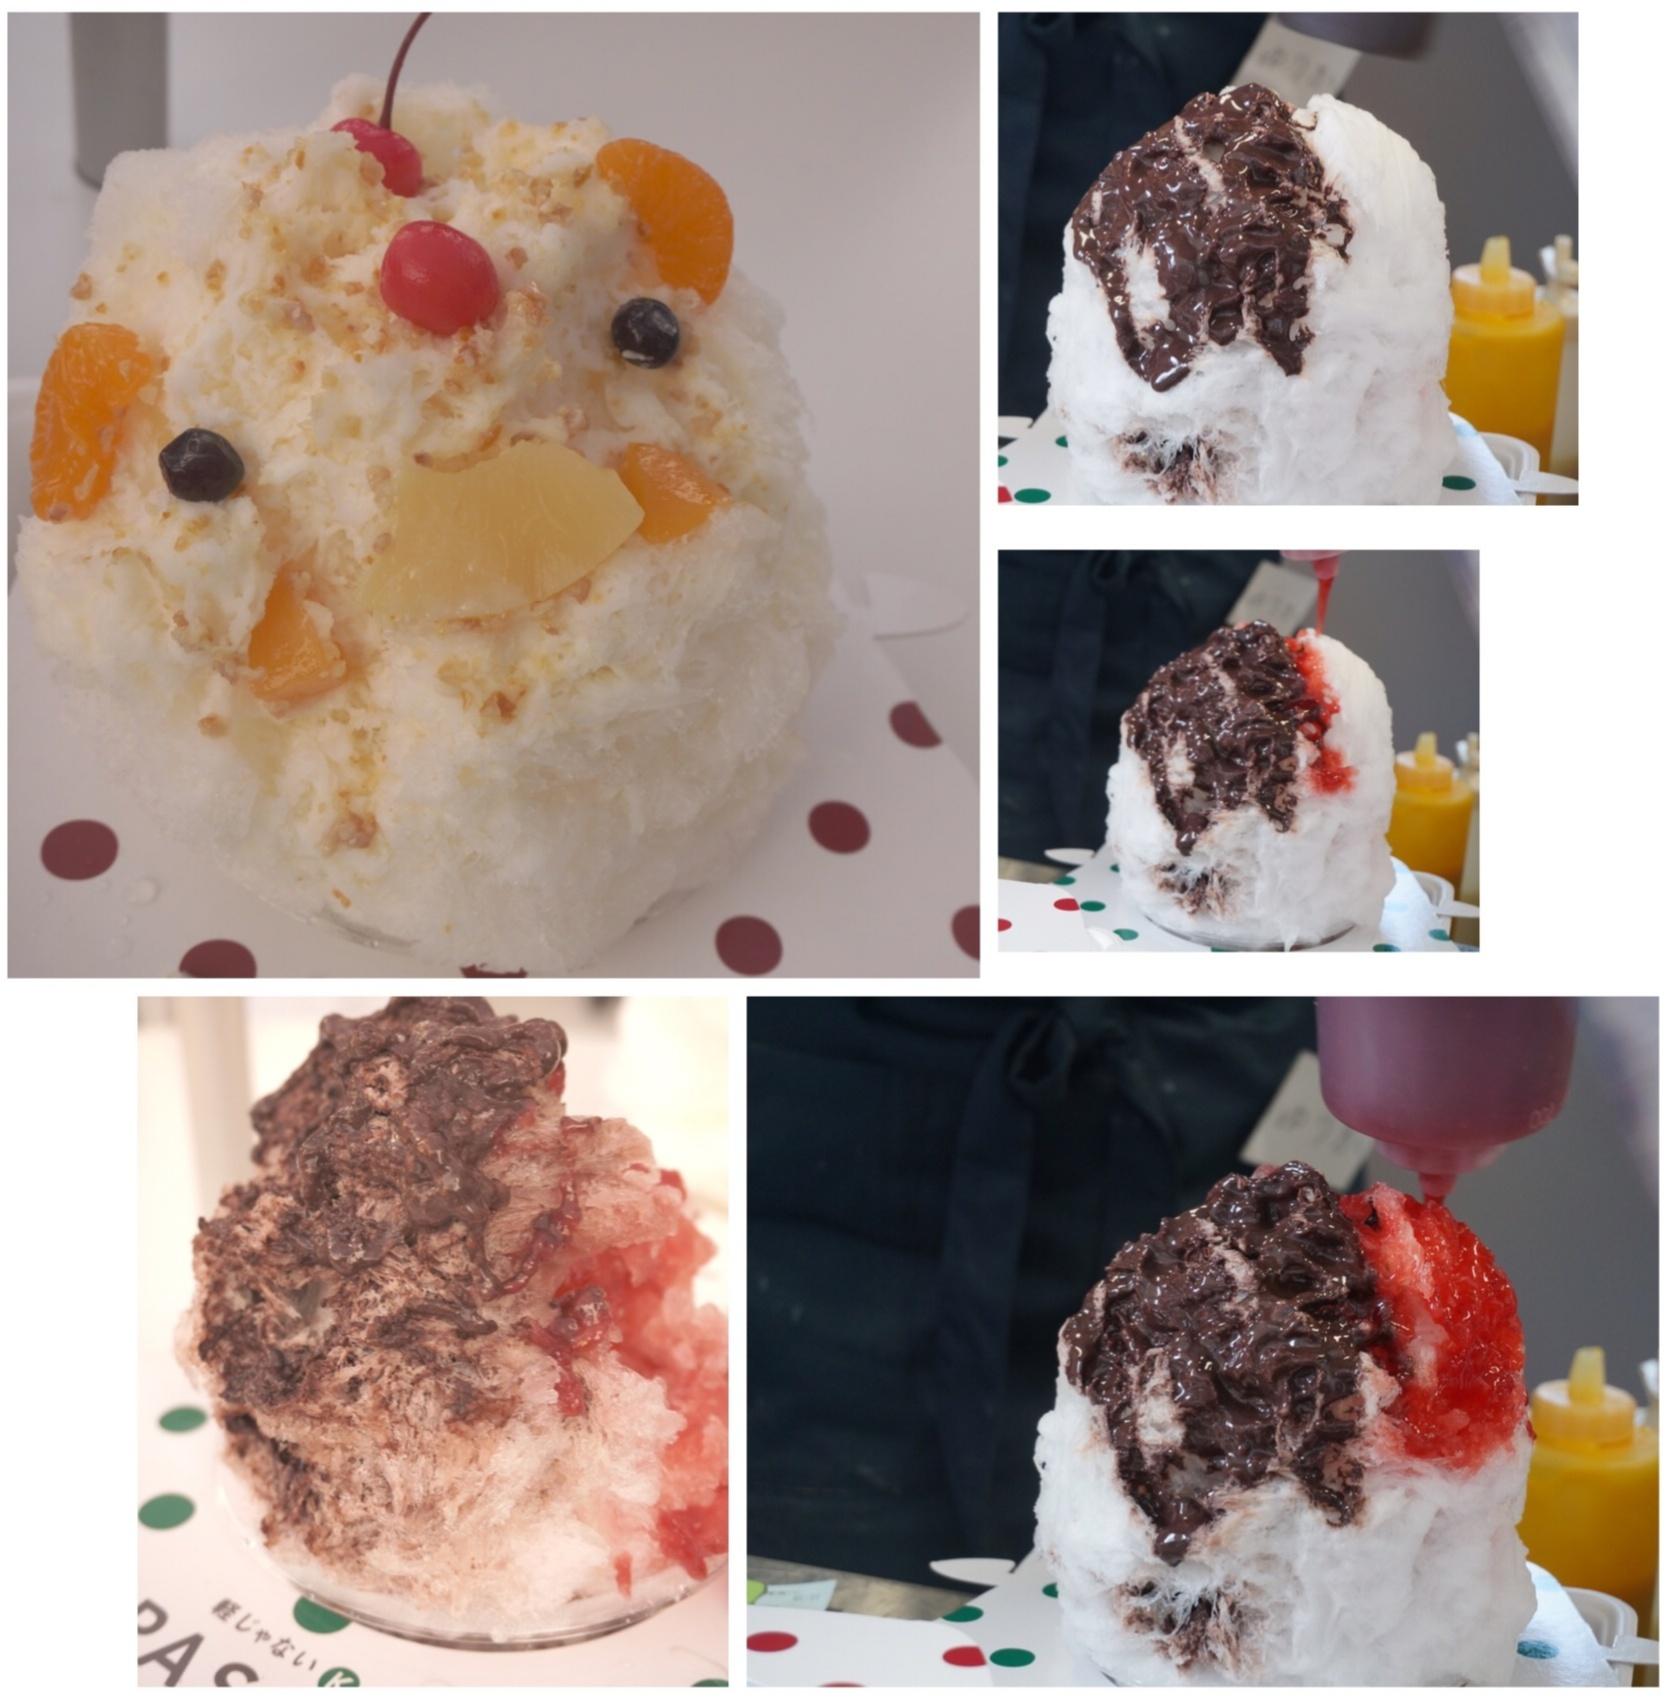 かき氷の超人気店が全国各地から大集合!【かき氷コレクション】で食べる絶品かき氷( *´艸`)_2